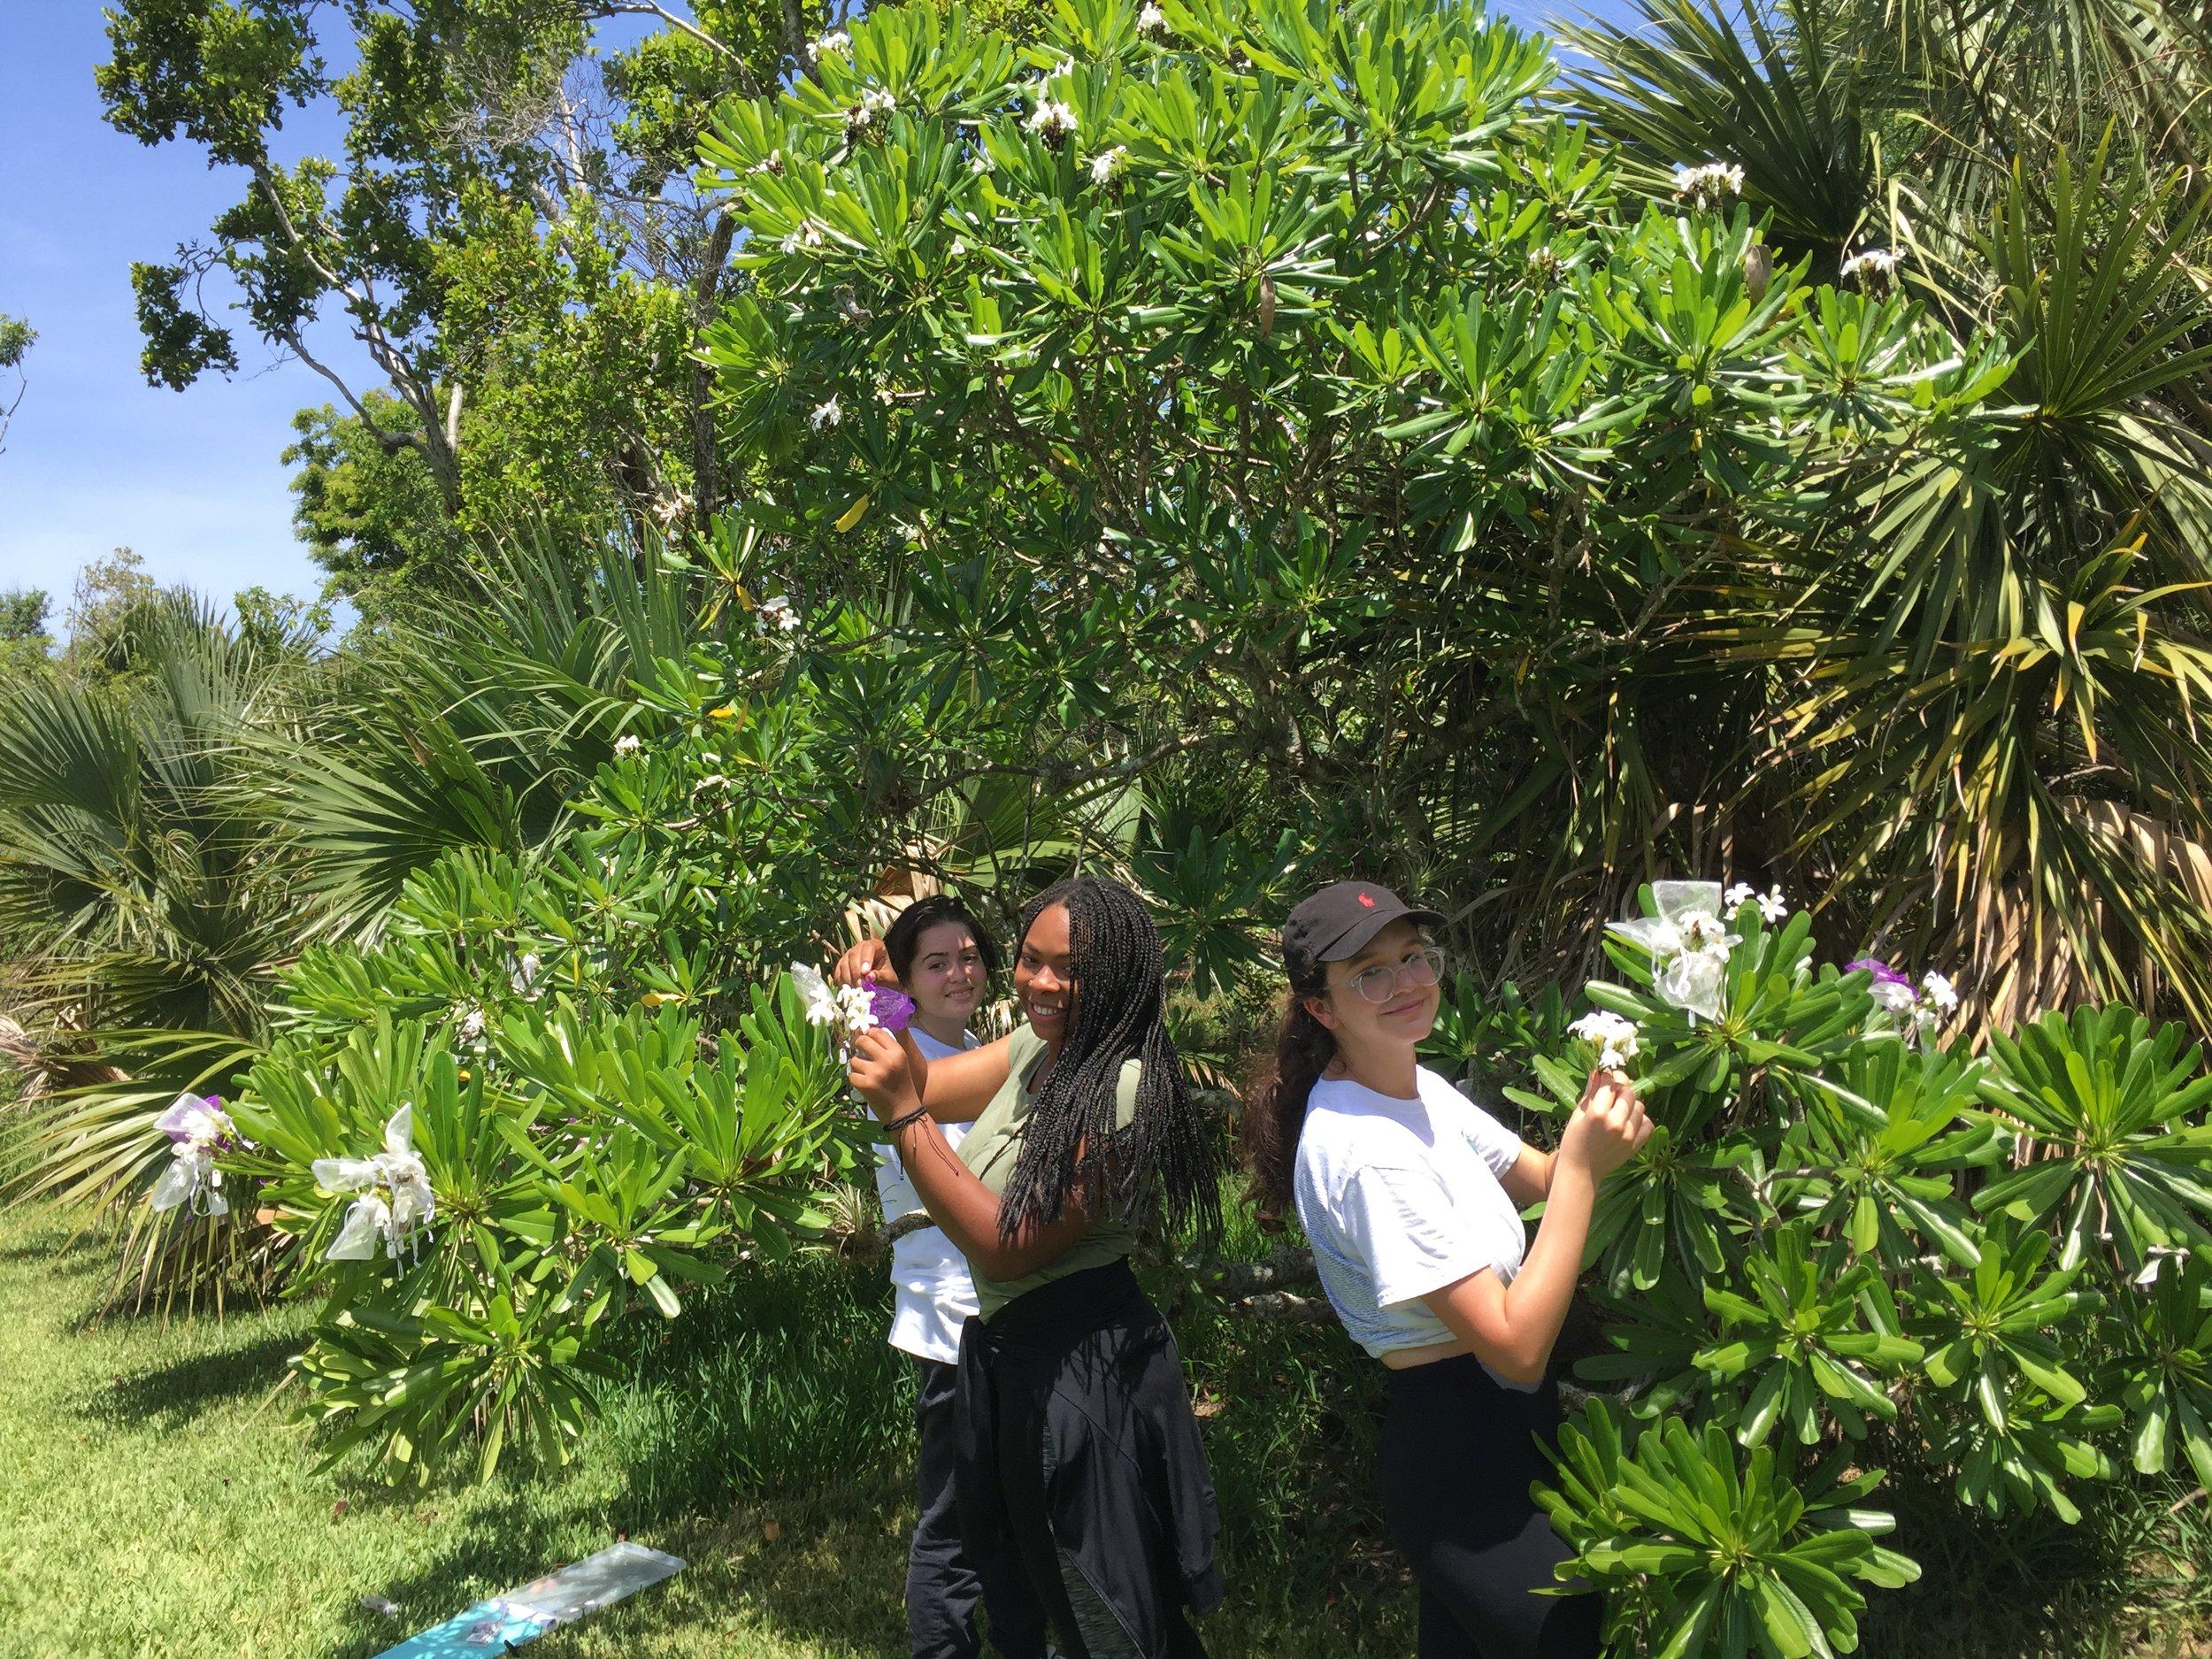 Pollination interns